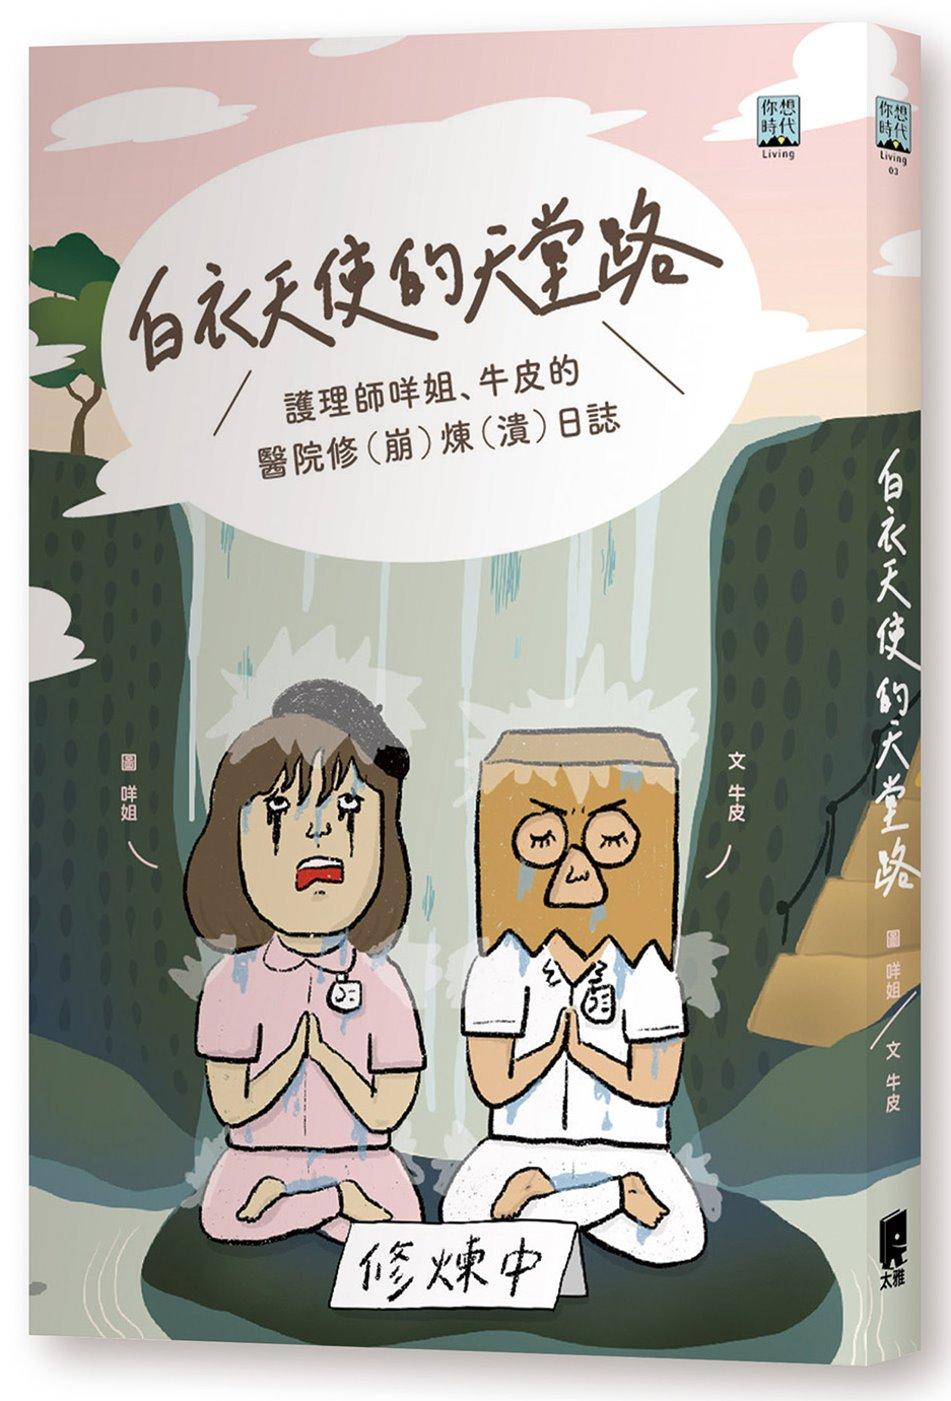 白衣天使的天堂路: 護理師咩姐、牛皮的醫院修(崩)煉(潰)日誌